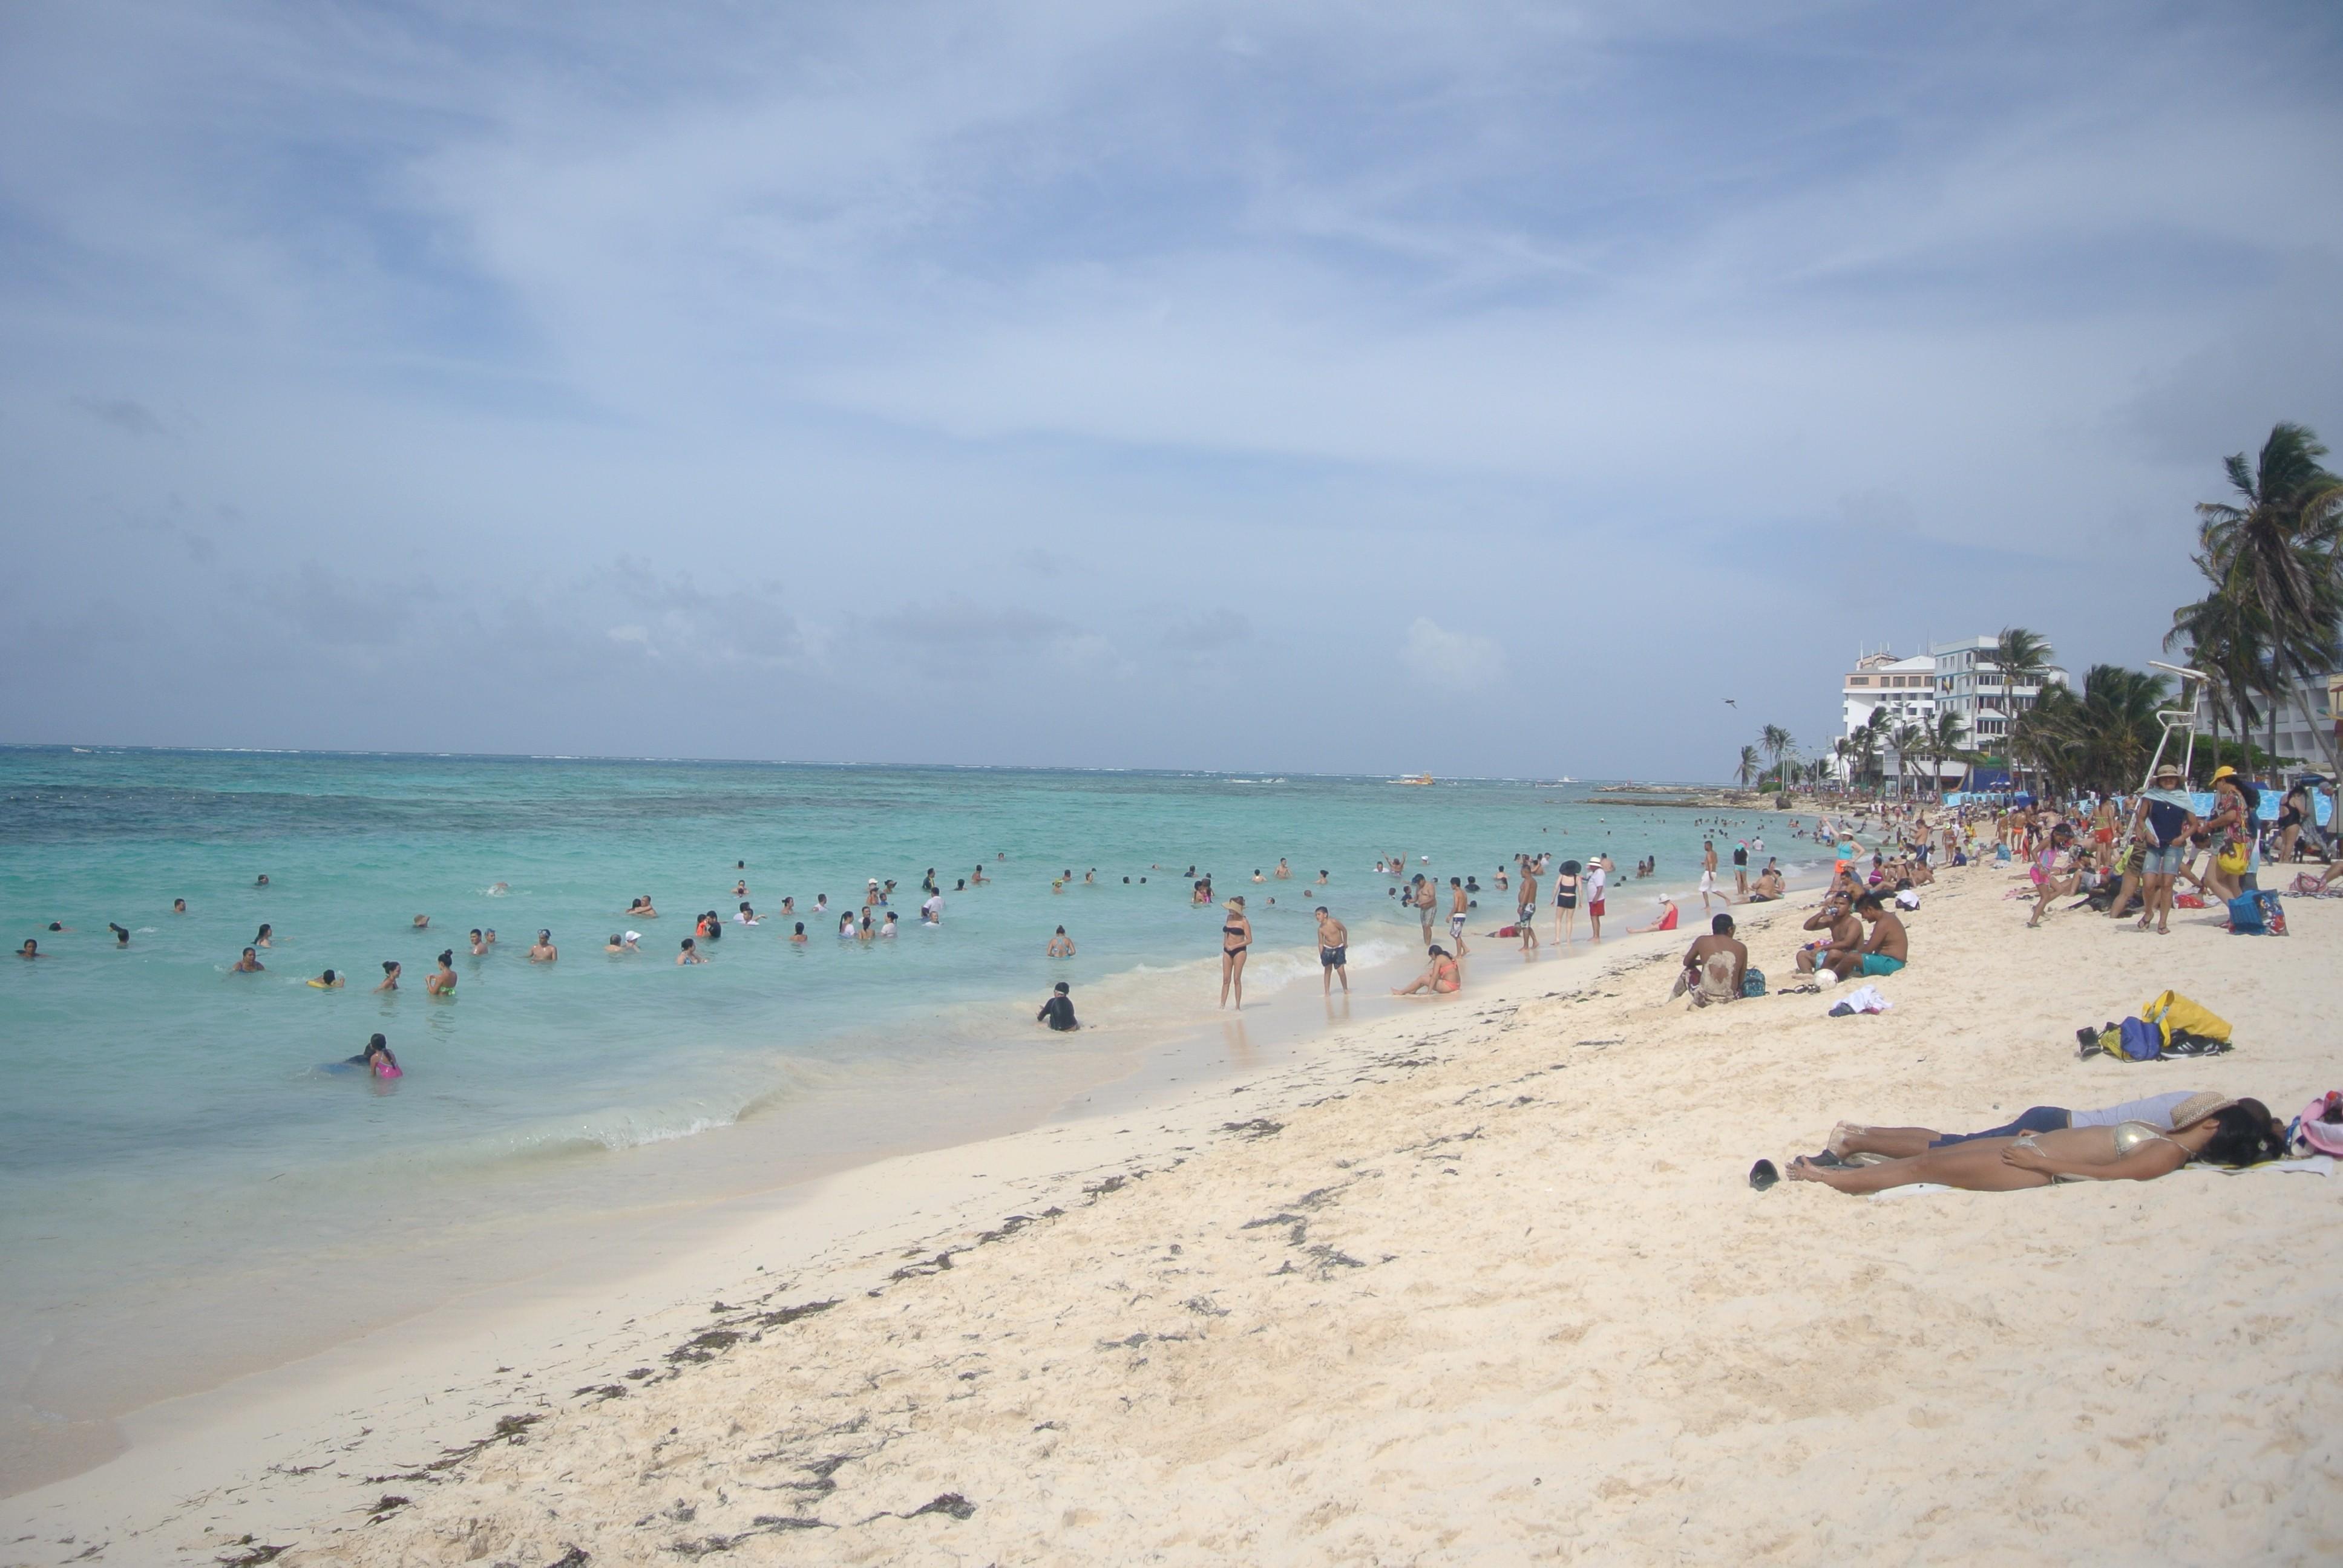 La playa en la isla de San Andres, Colombia